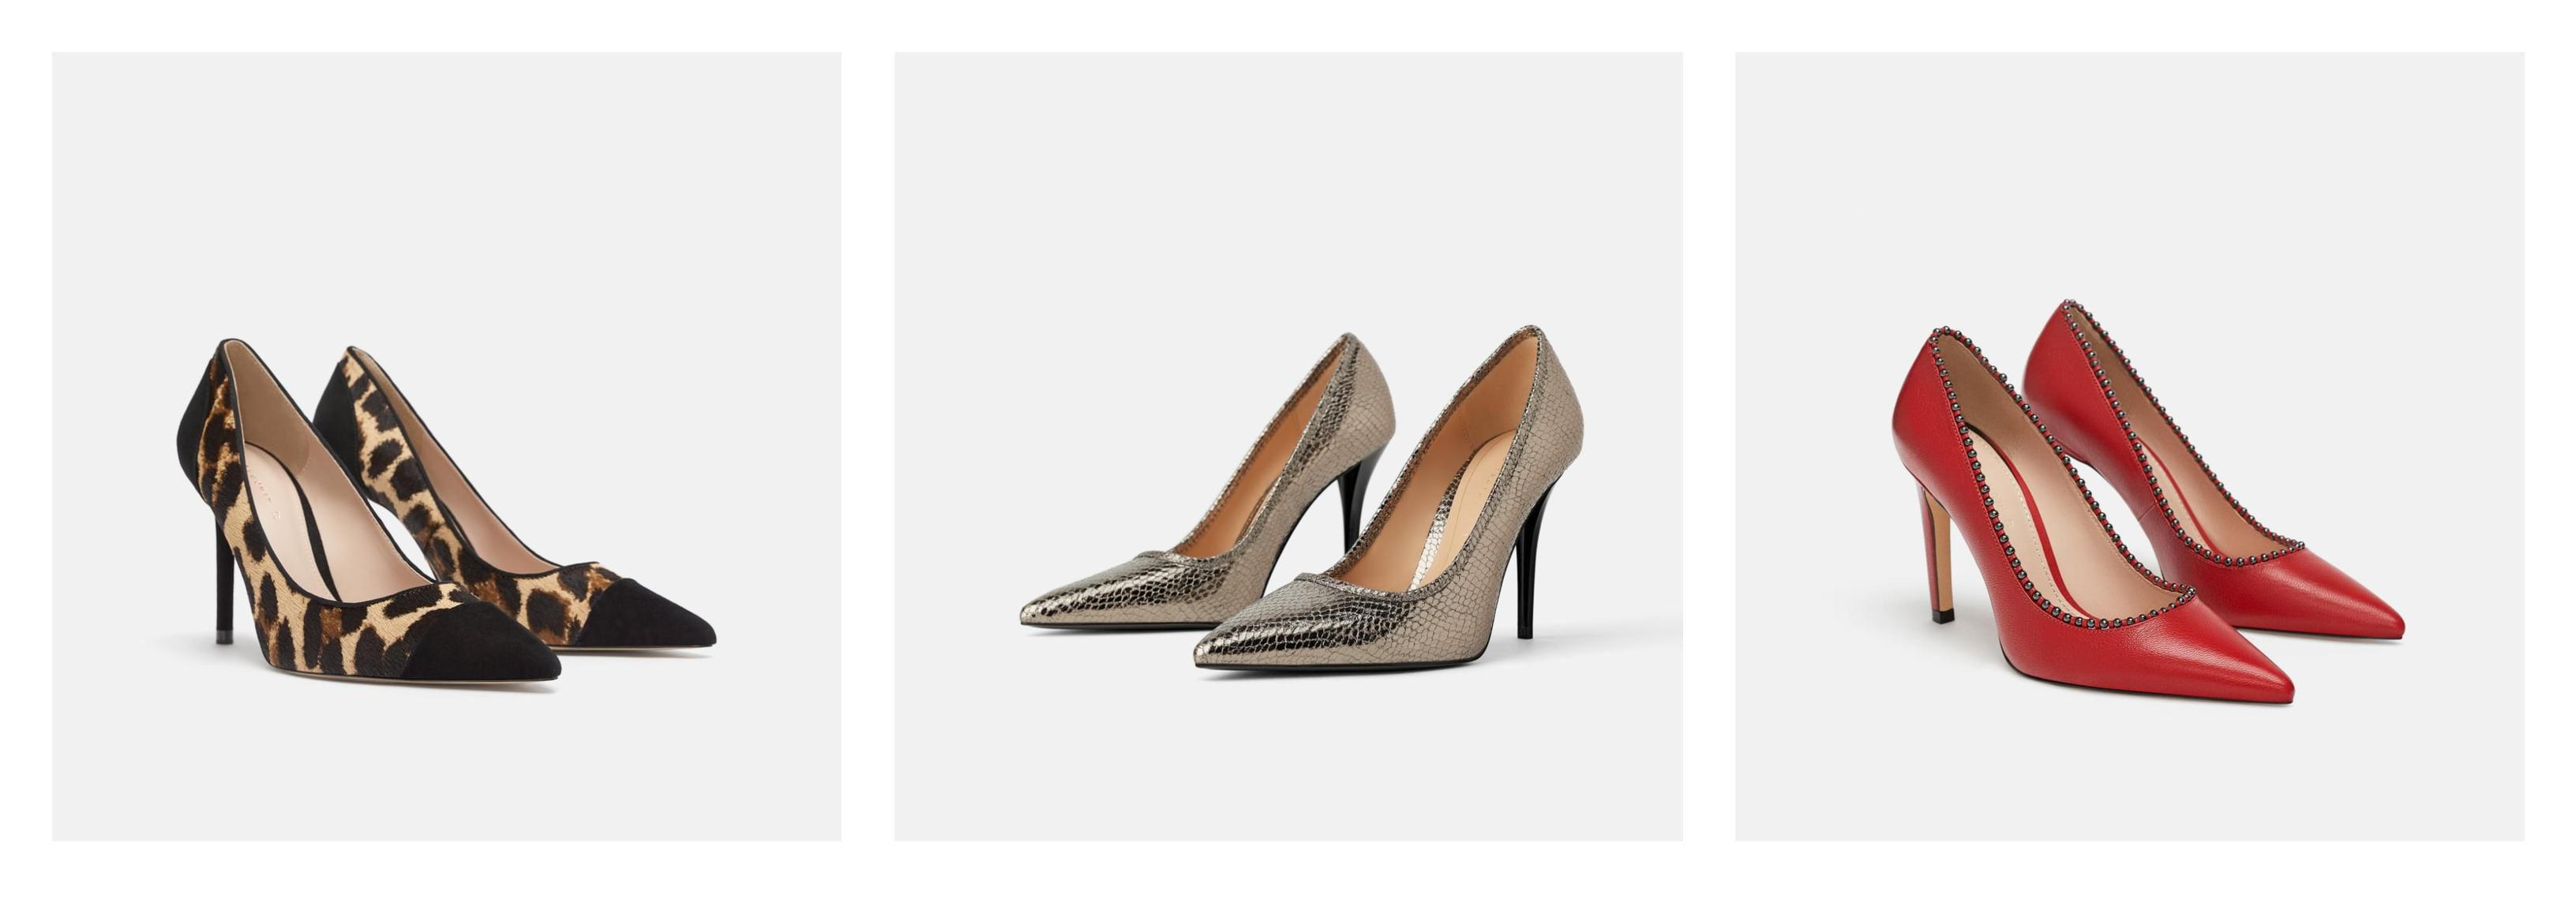 Zara ima najljepše party cipele! Izdvojili smo naše favorite koje bismo željeli vidjeti u svojoj kolekciji